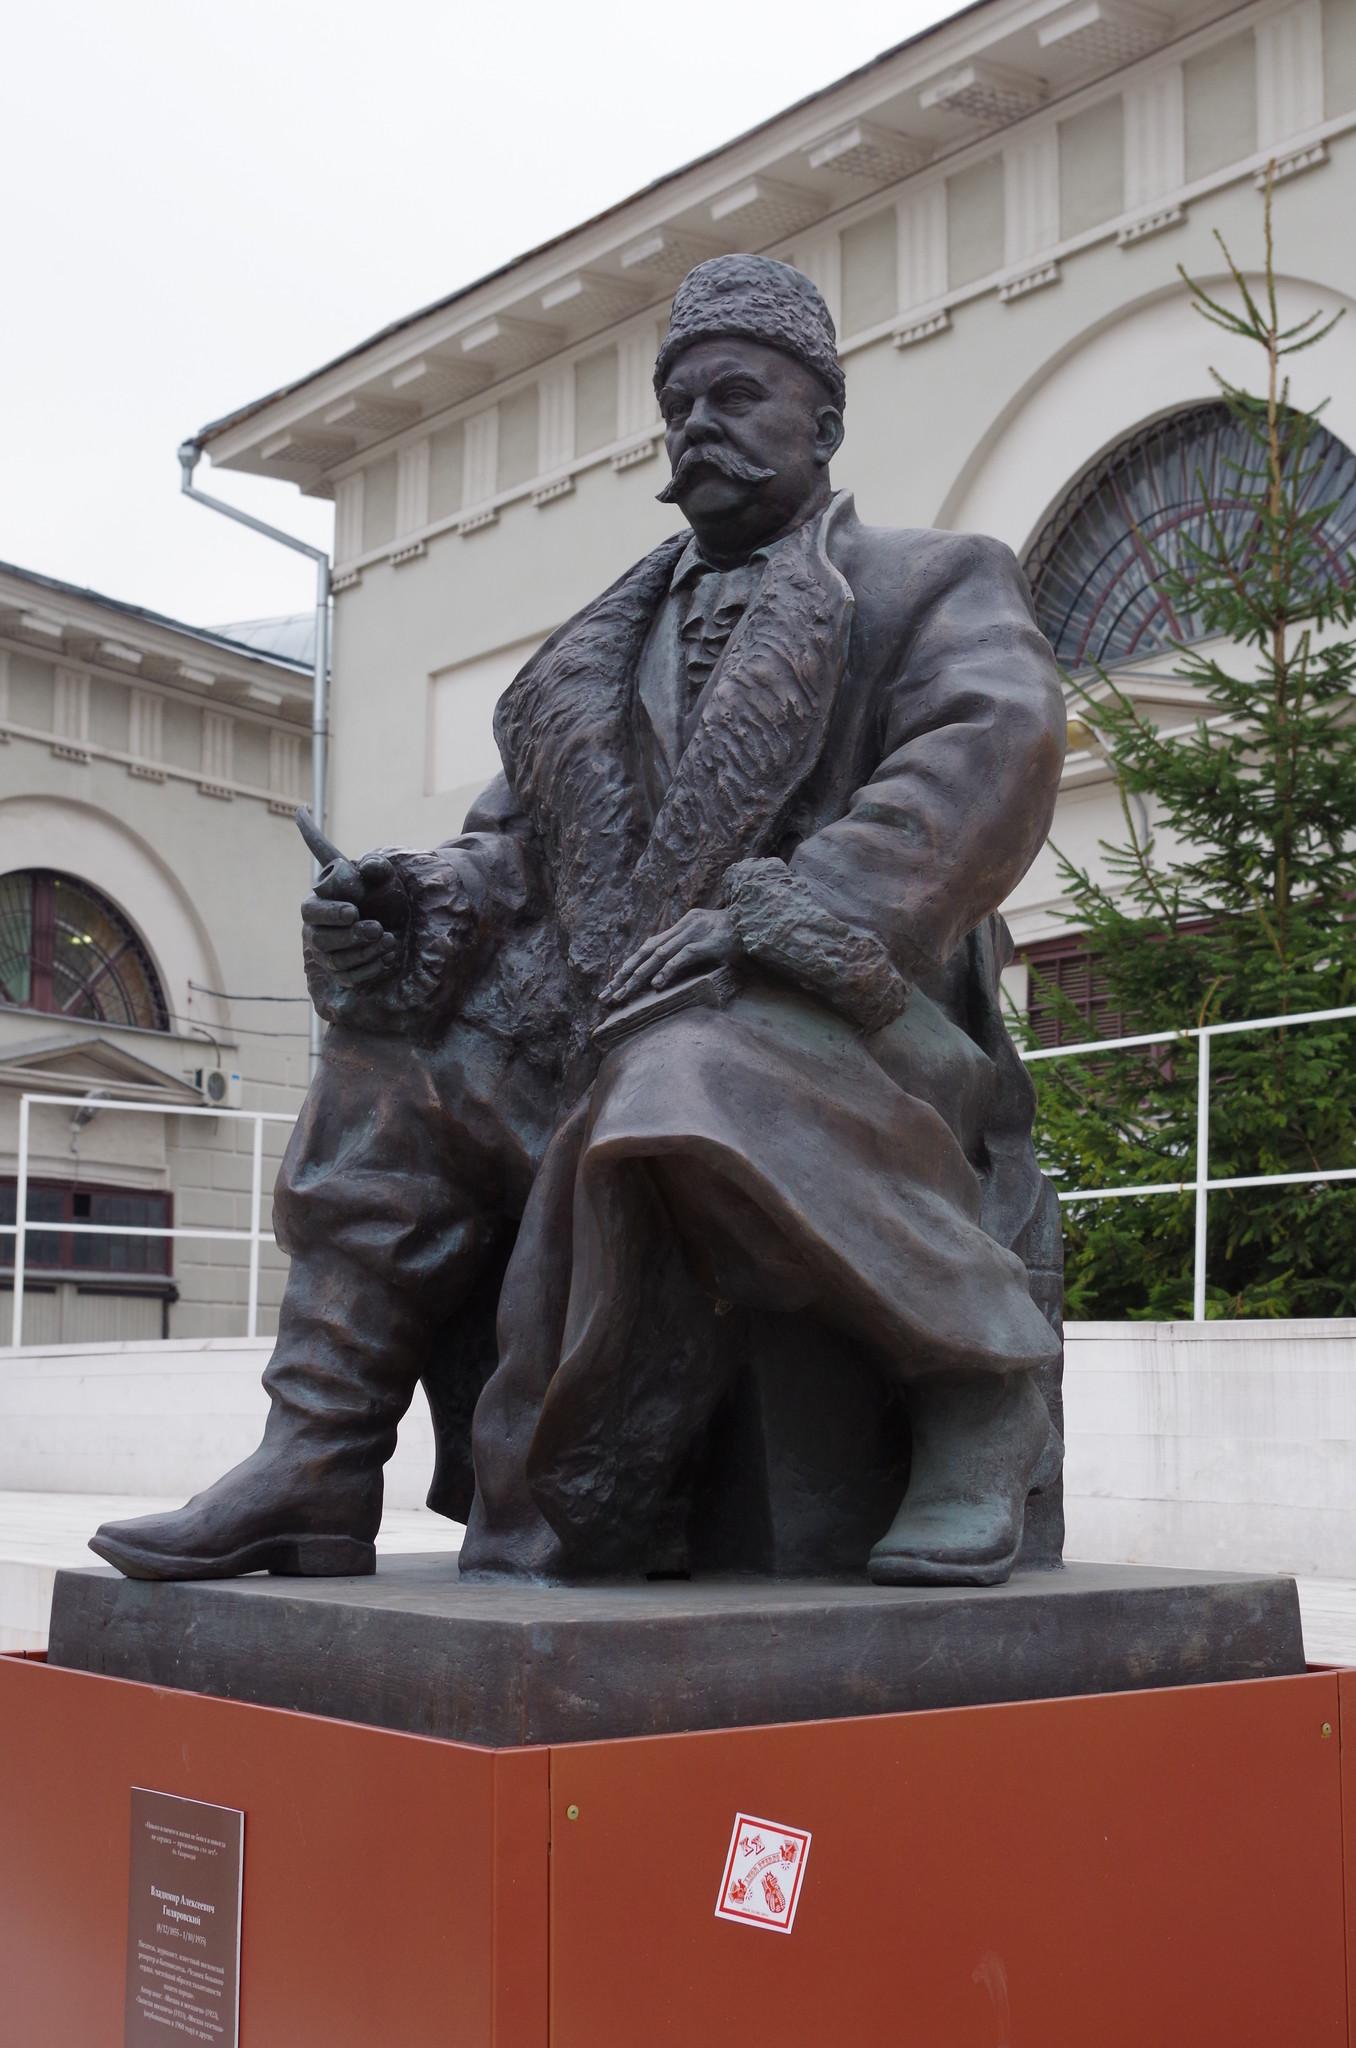 Памятник Владимиру Алексеевичу Гиляровскому. Скульптор А.С. Головачев, бронза, 2012 г.